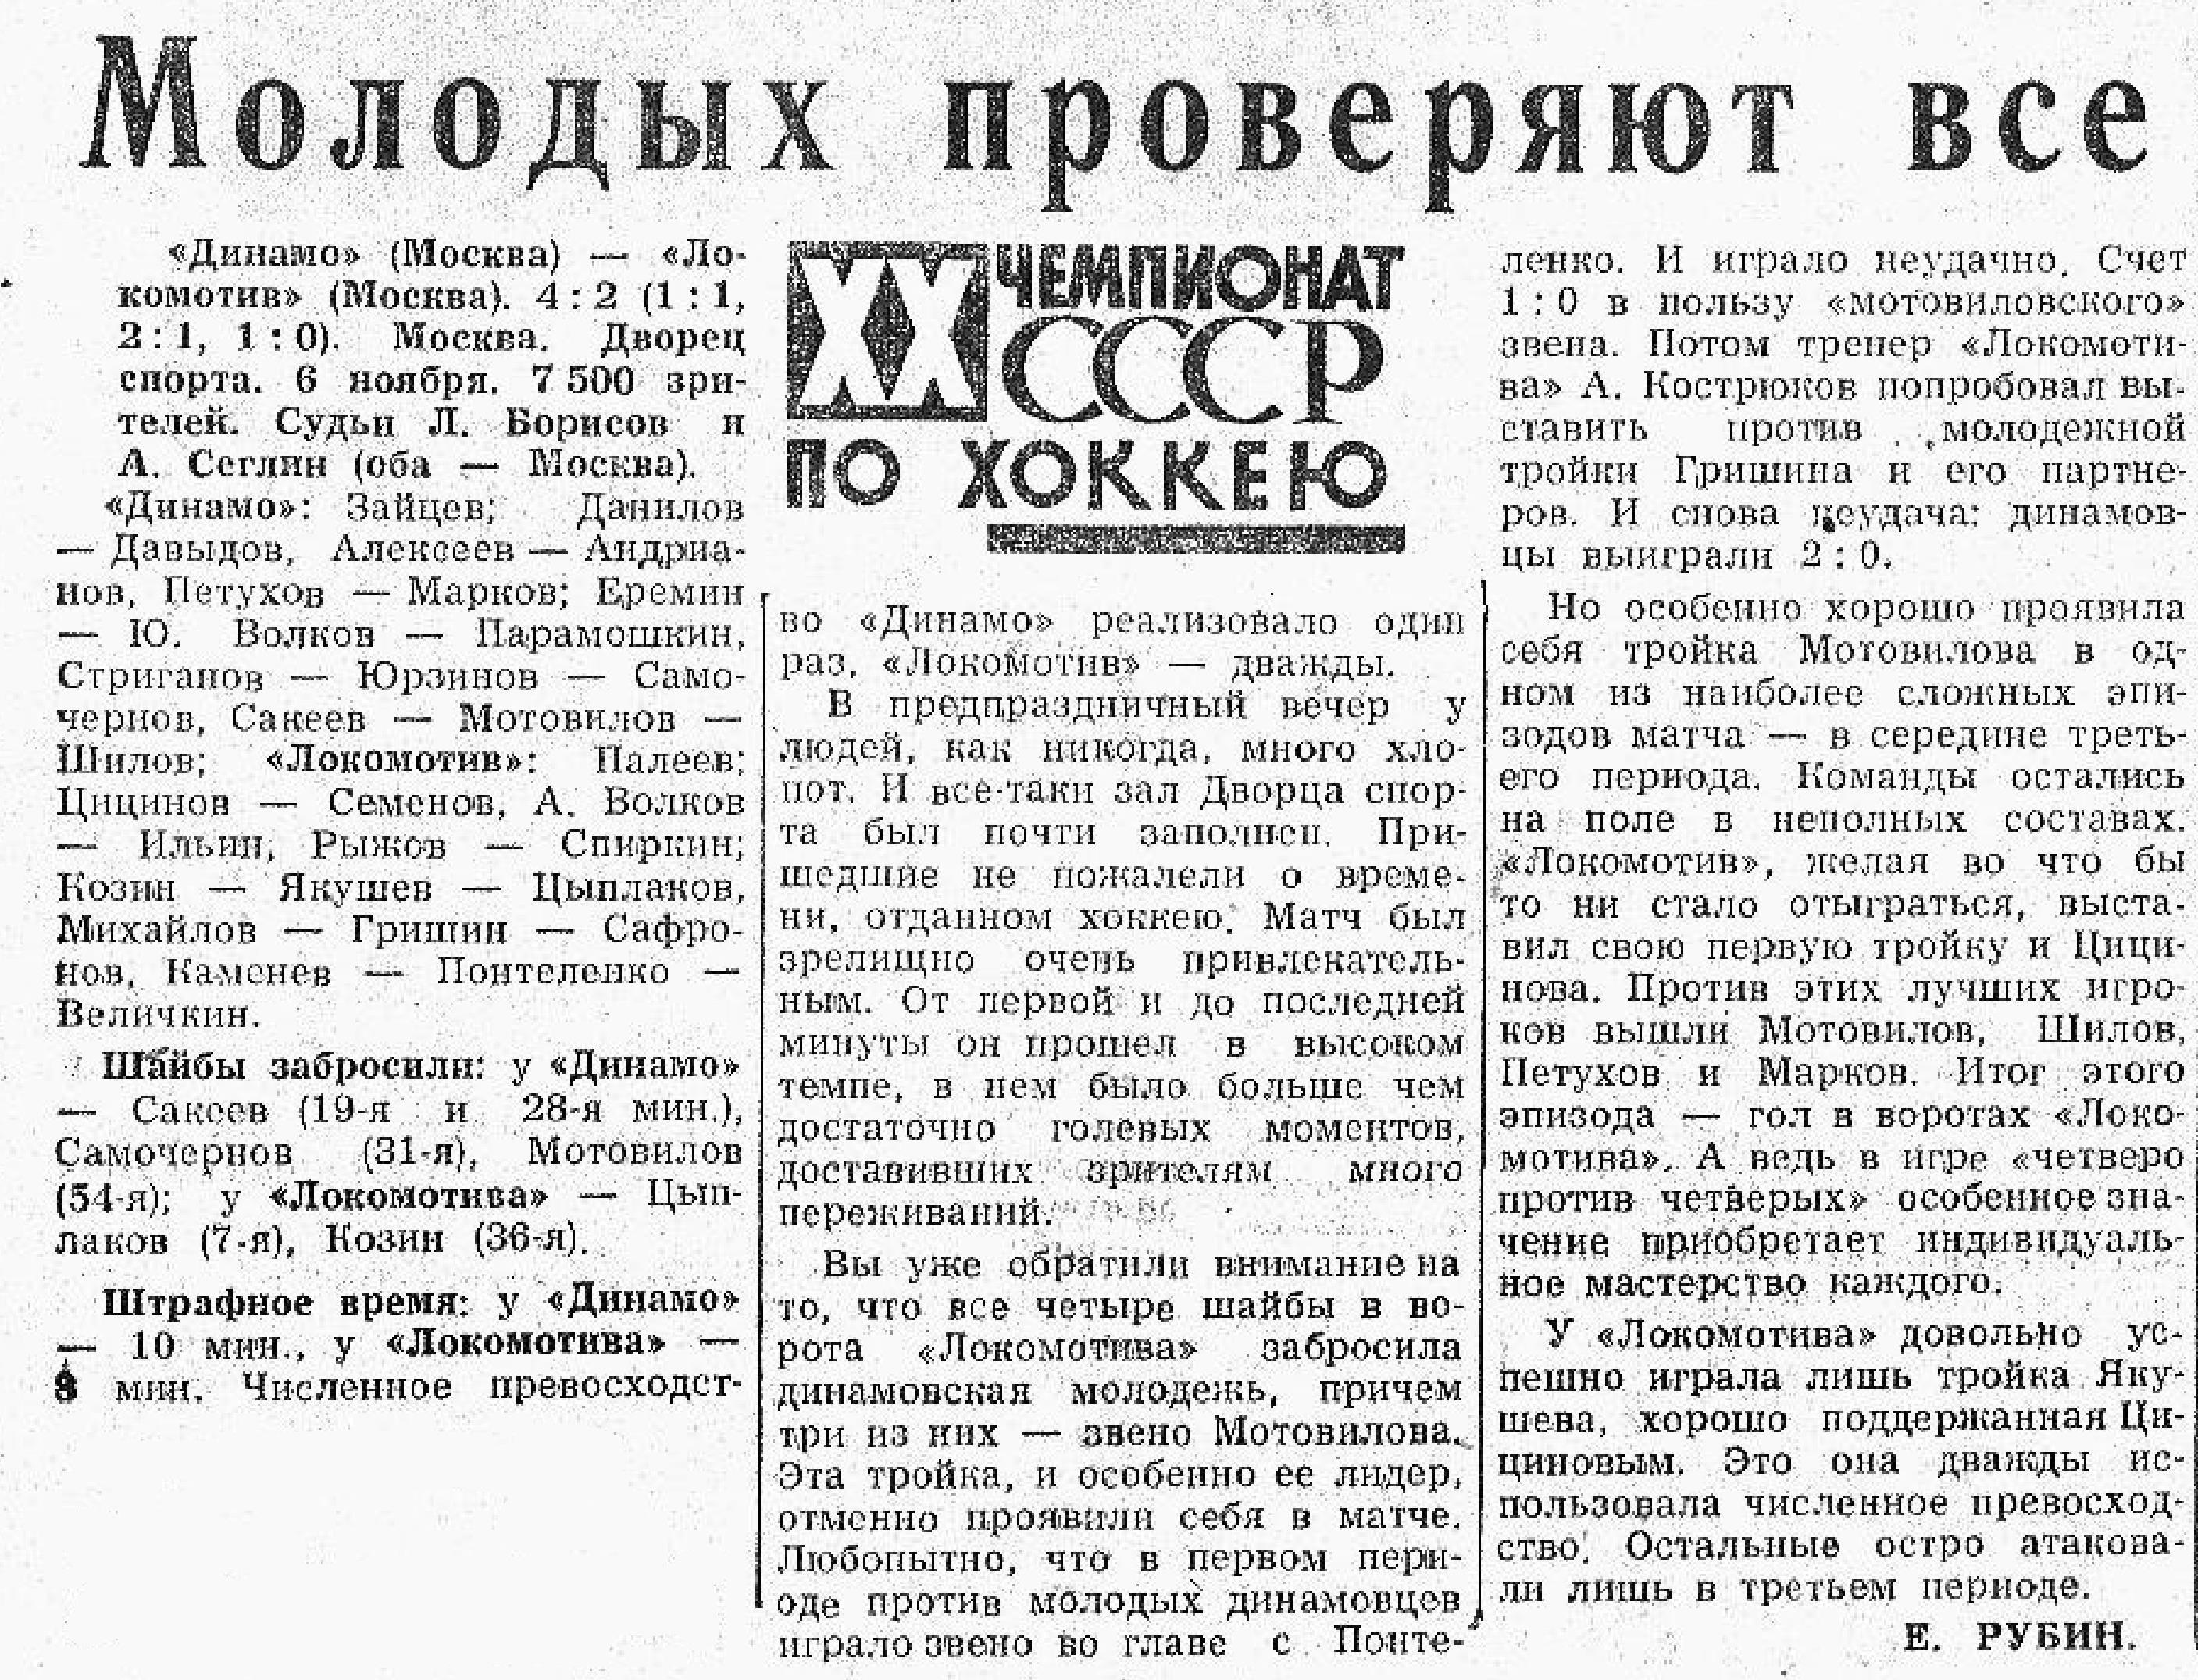 Динамо (Москва) - Локомотив (Москва) 4:2. Нажмите, чтобы посмотреть истинный размер рисунка